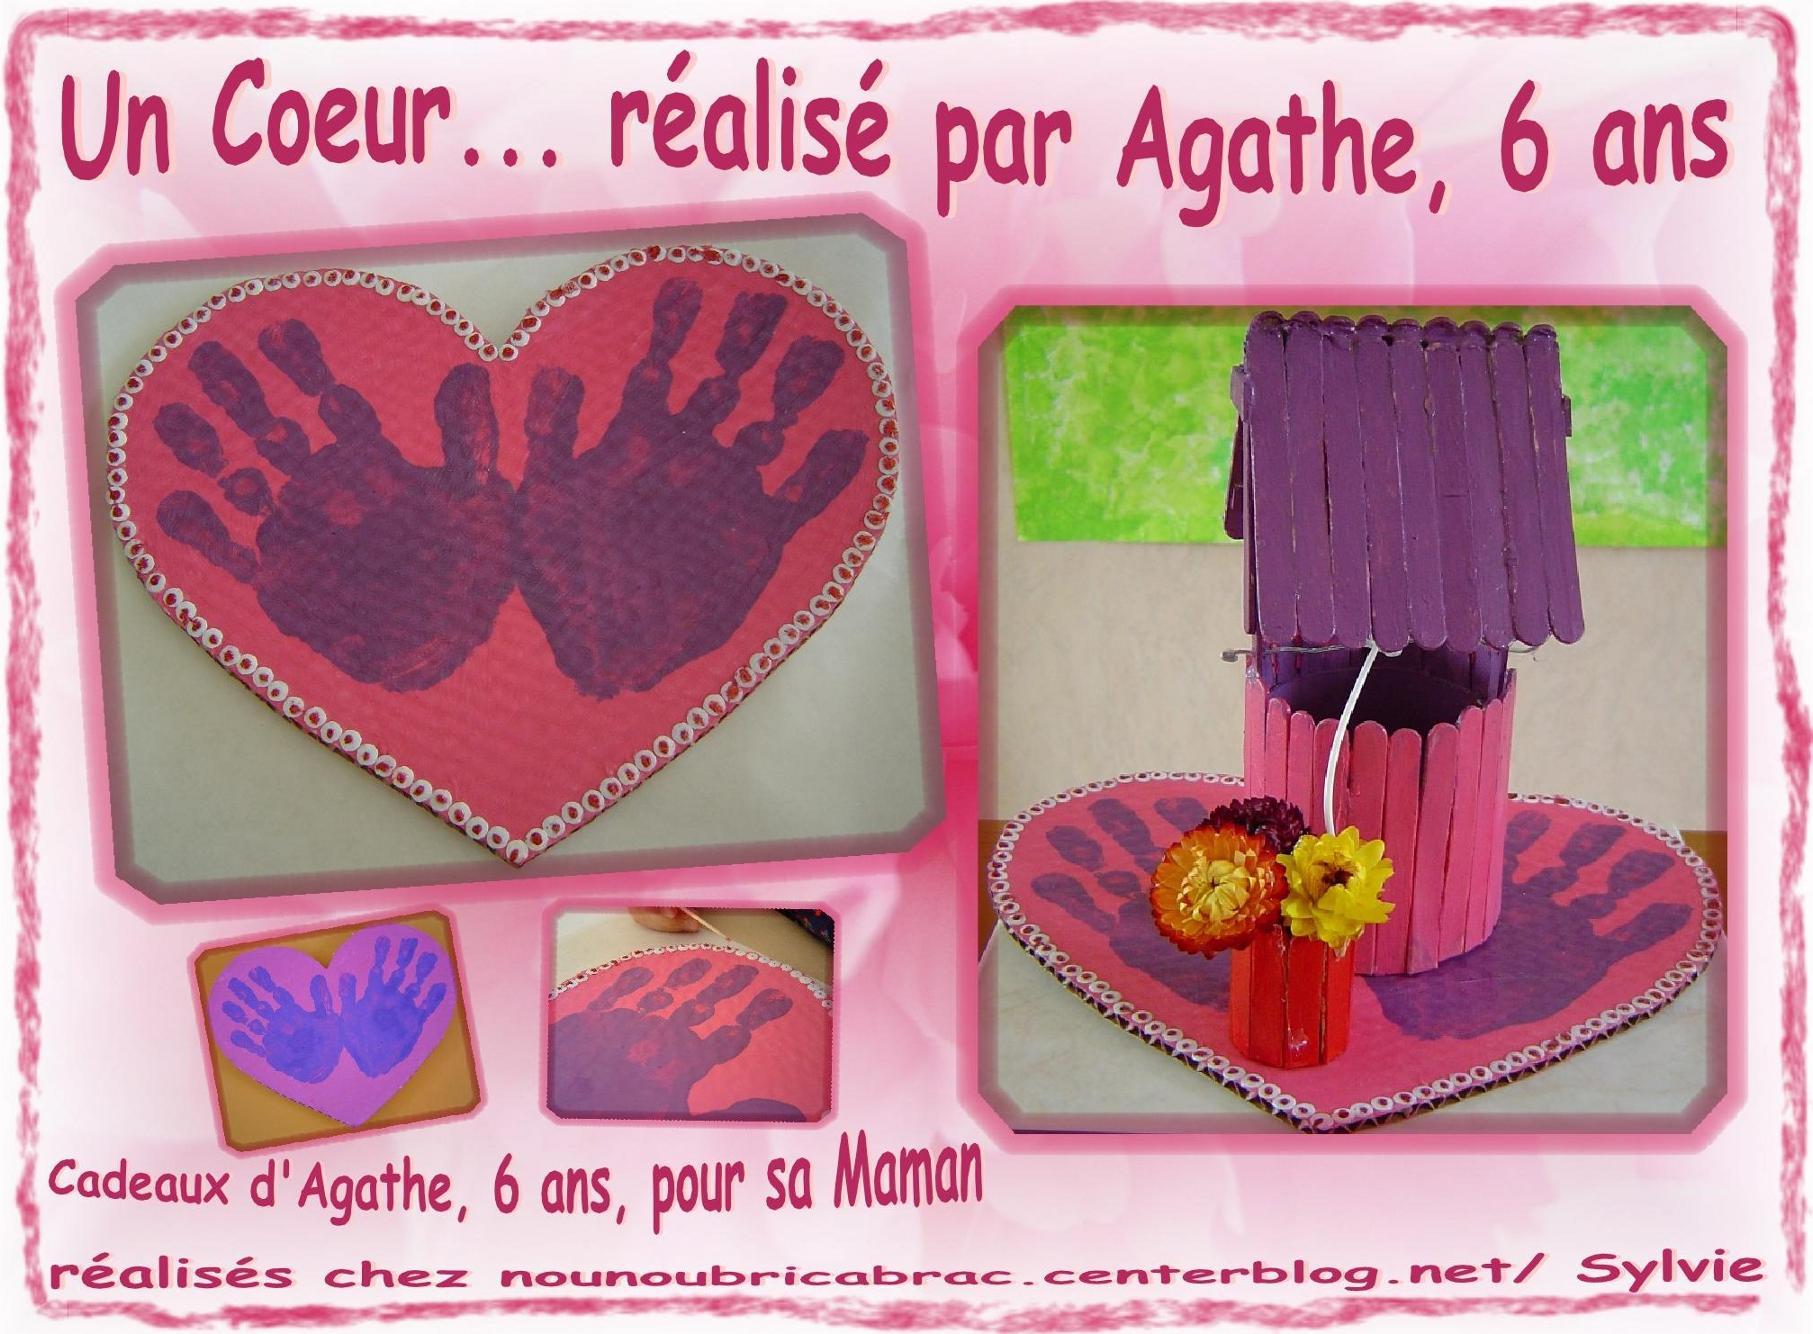 Coeur avec empreintes de main... fait par Agathe